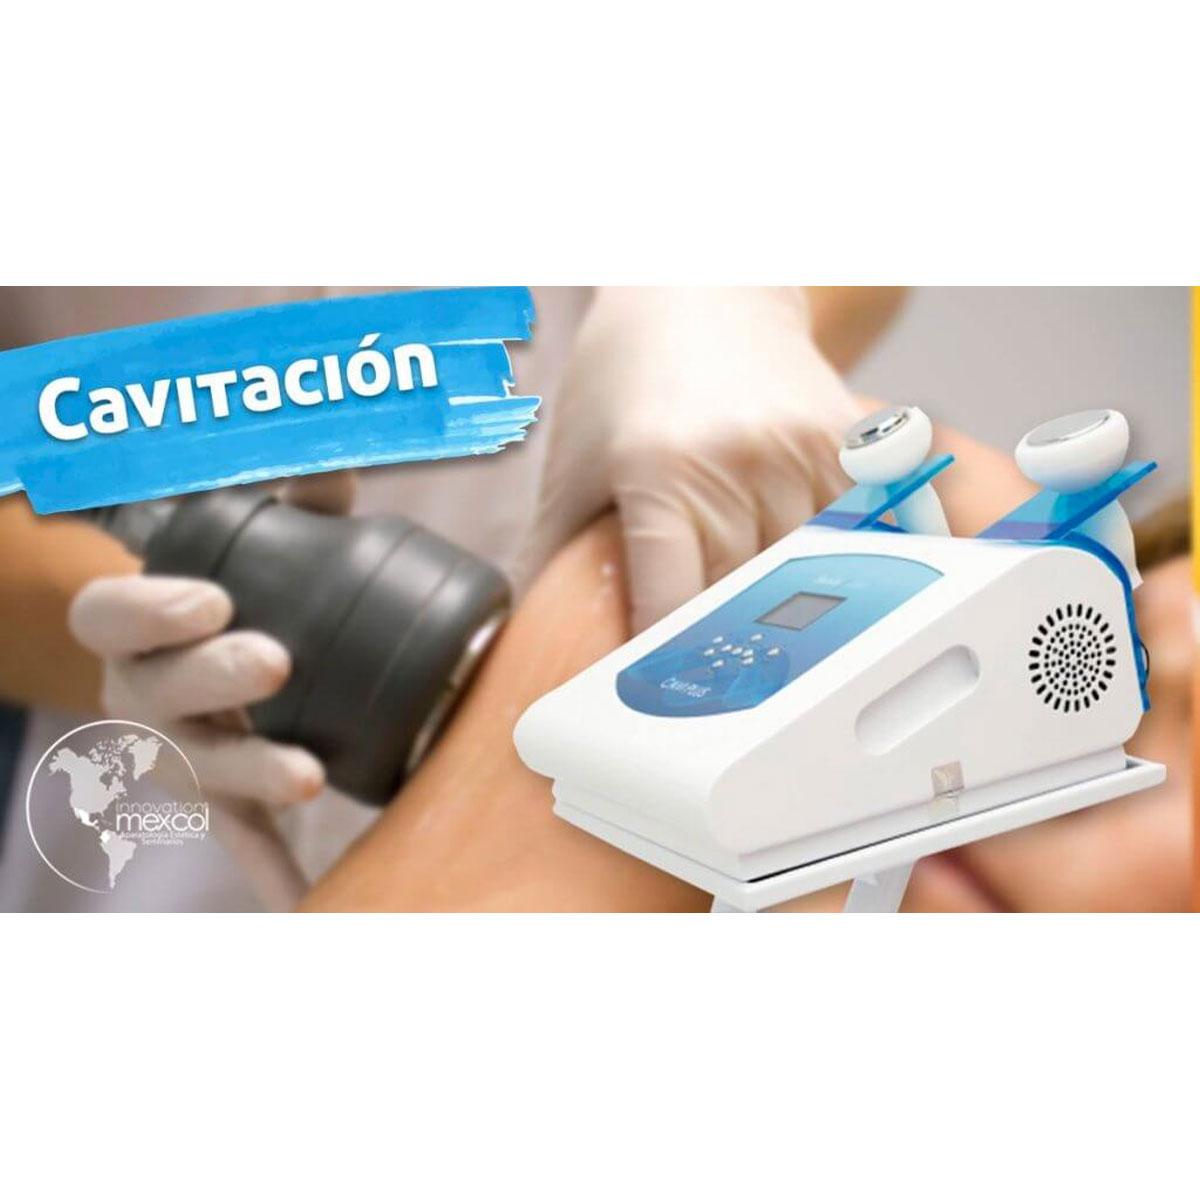 Cavitacion5